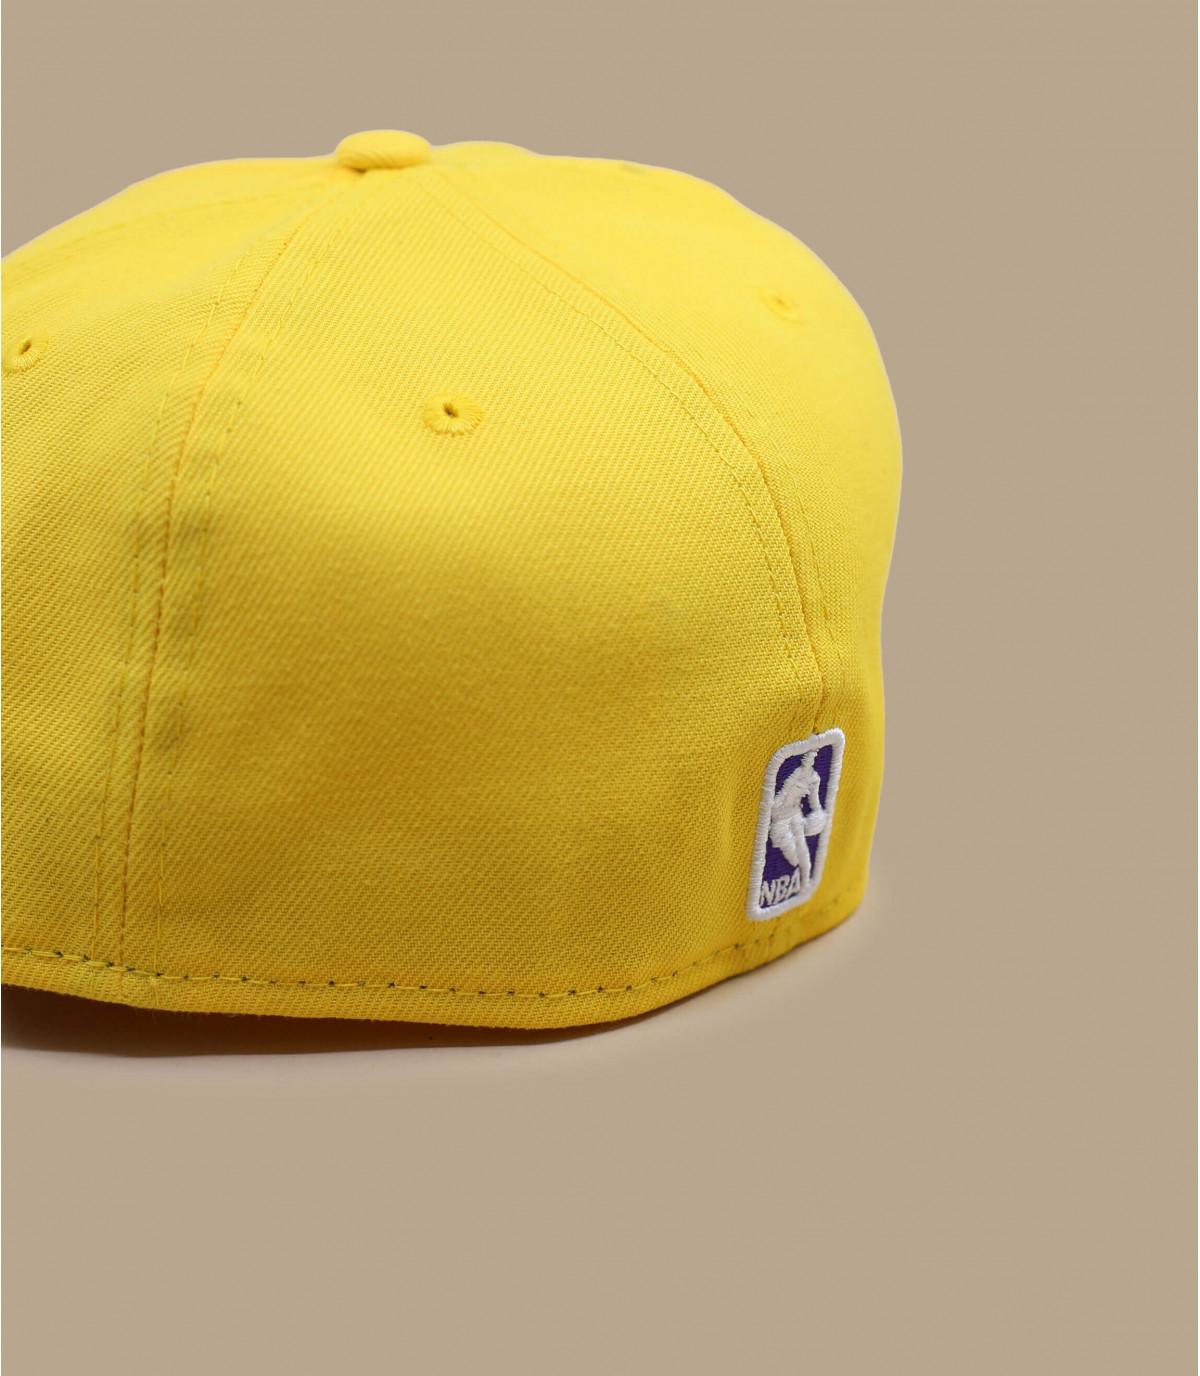 Détails Casquette Lakers 59fifty jaune - image 3